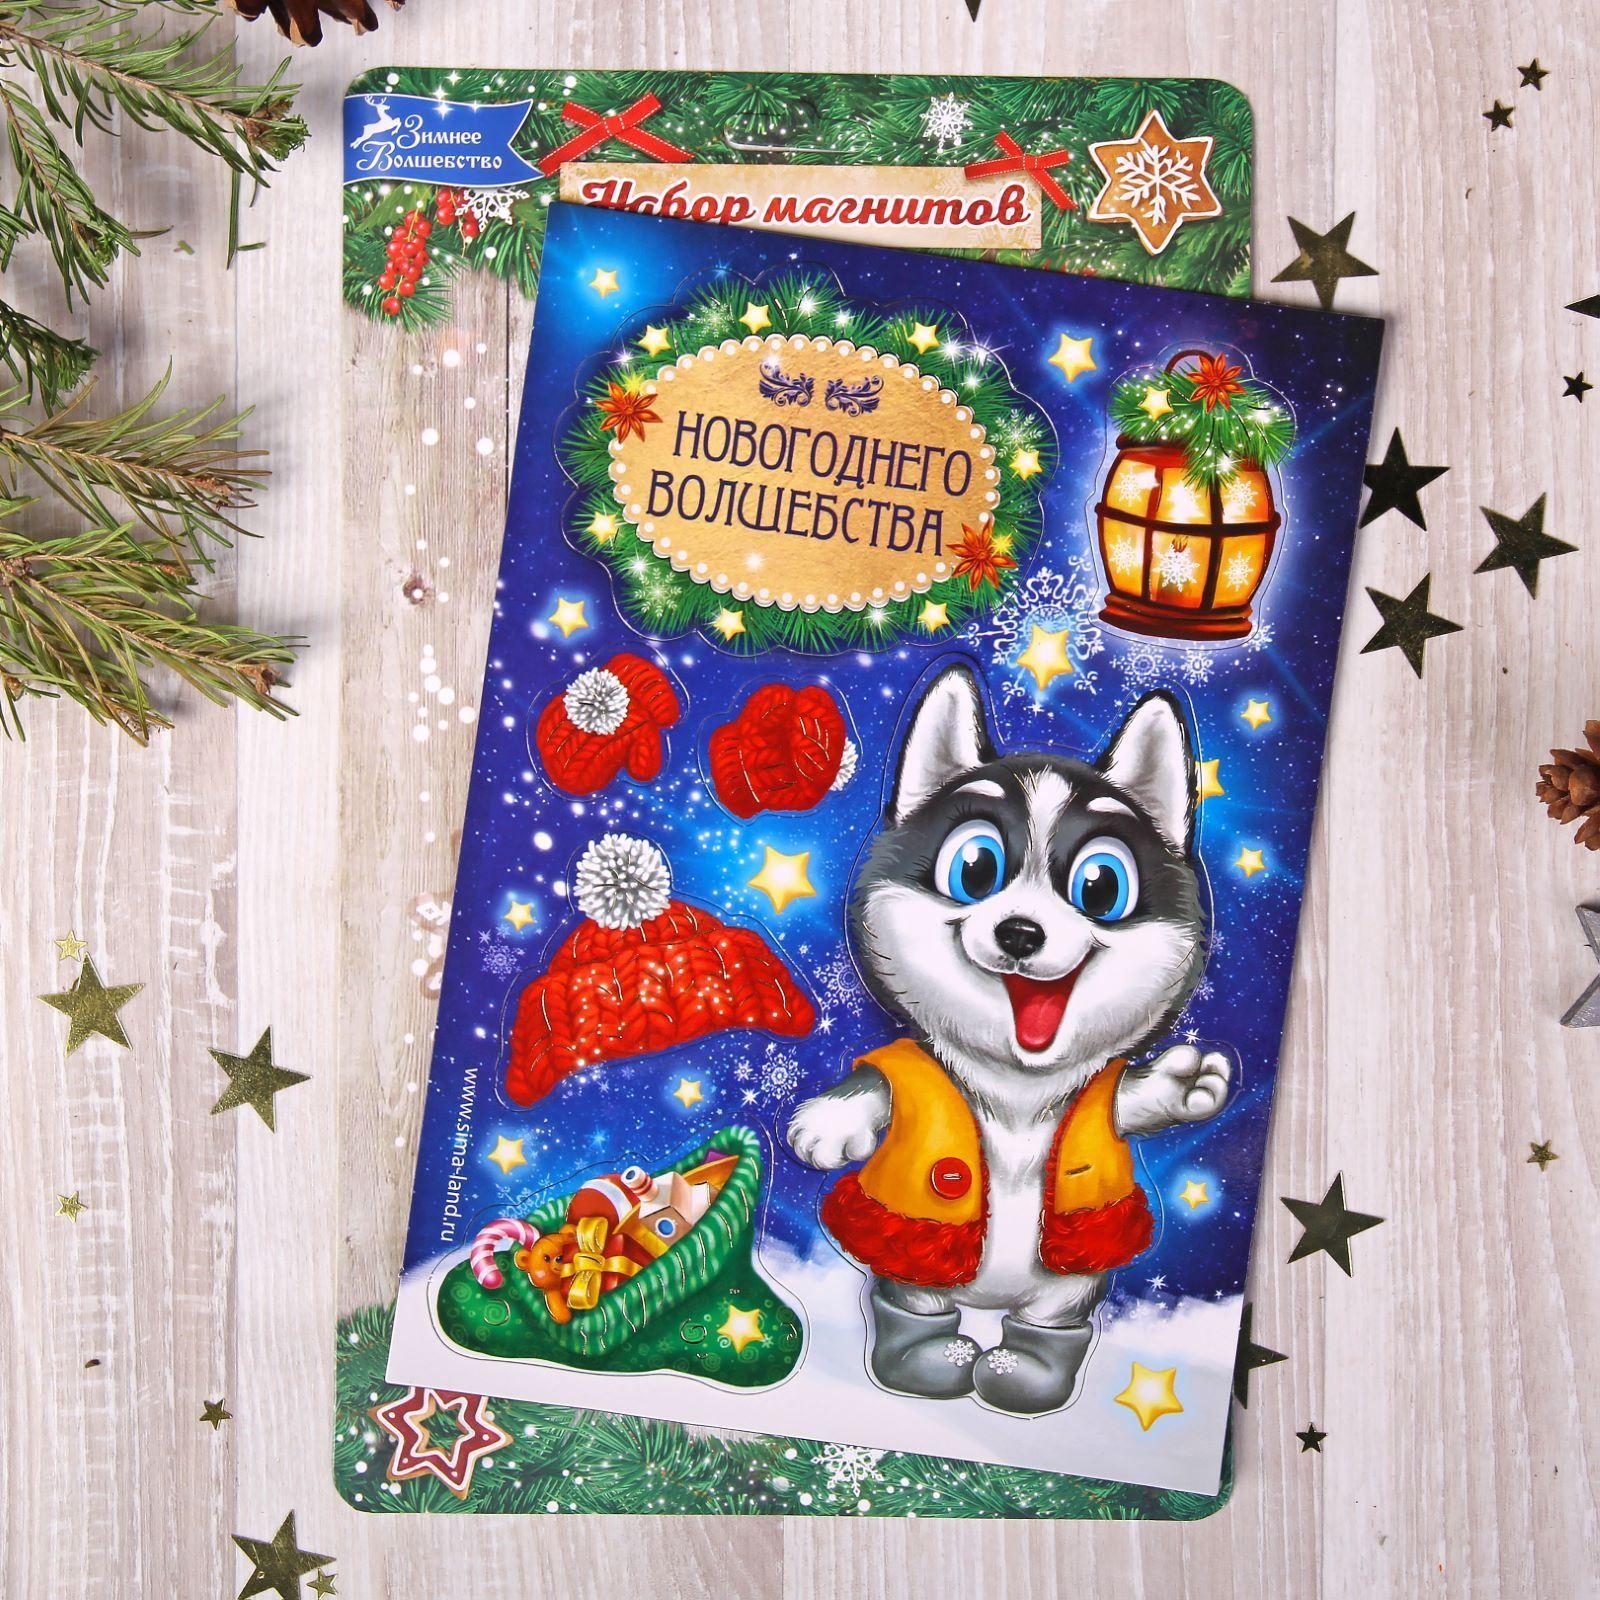 Набор магнитов Sima-land Новогоднего волшебства, 14,8 х 21 см2196156Порадуйте родных и близких оригинальным сувениром: преподнесите в подарок магнит. С ним даже самый серьёзный человек почувствует себя ребёнком, ожидающим чудо! Создайте праздничное настроение, и оно останется с вами на весь год.